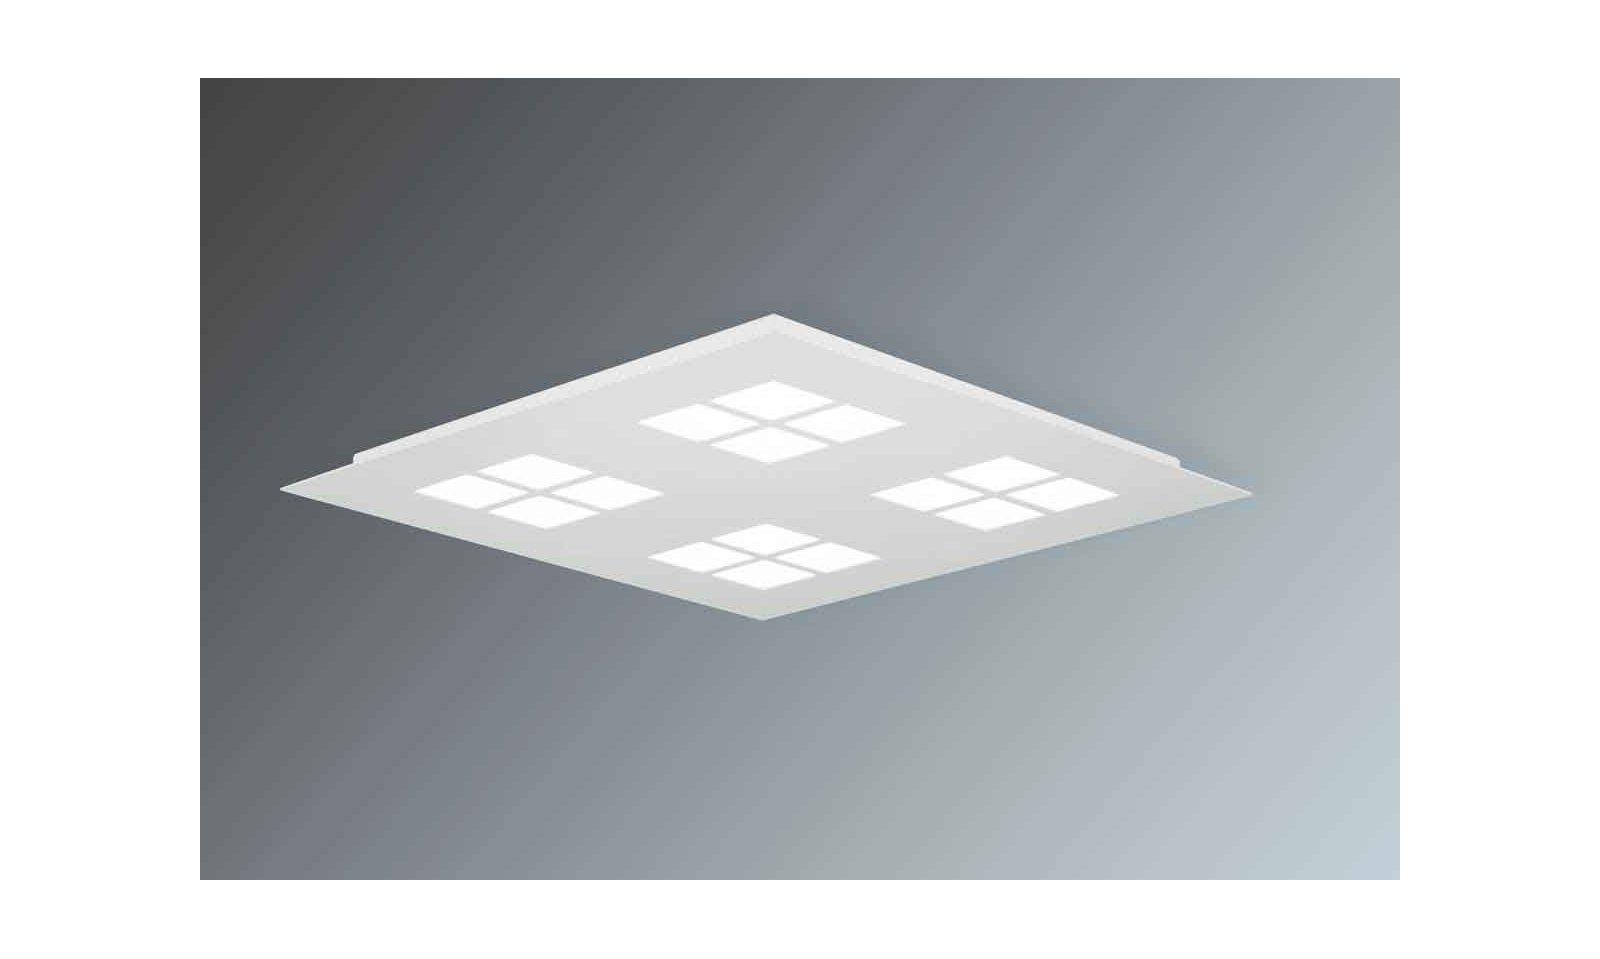 Plafoniera Quadrata Led : Lam delta quadrata led in alluminio e pmma bianco